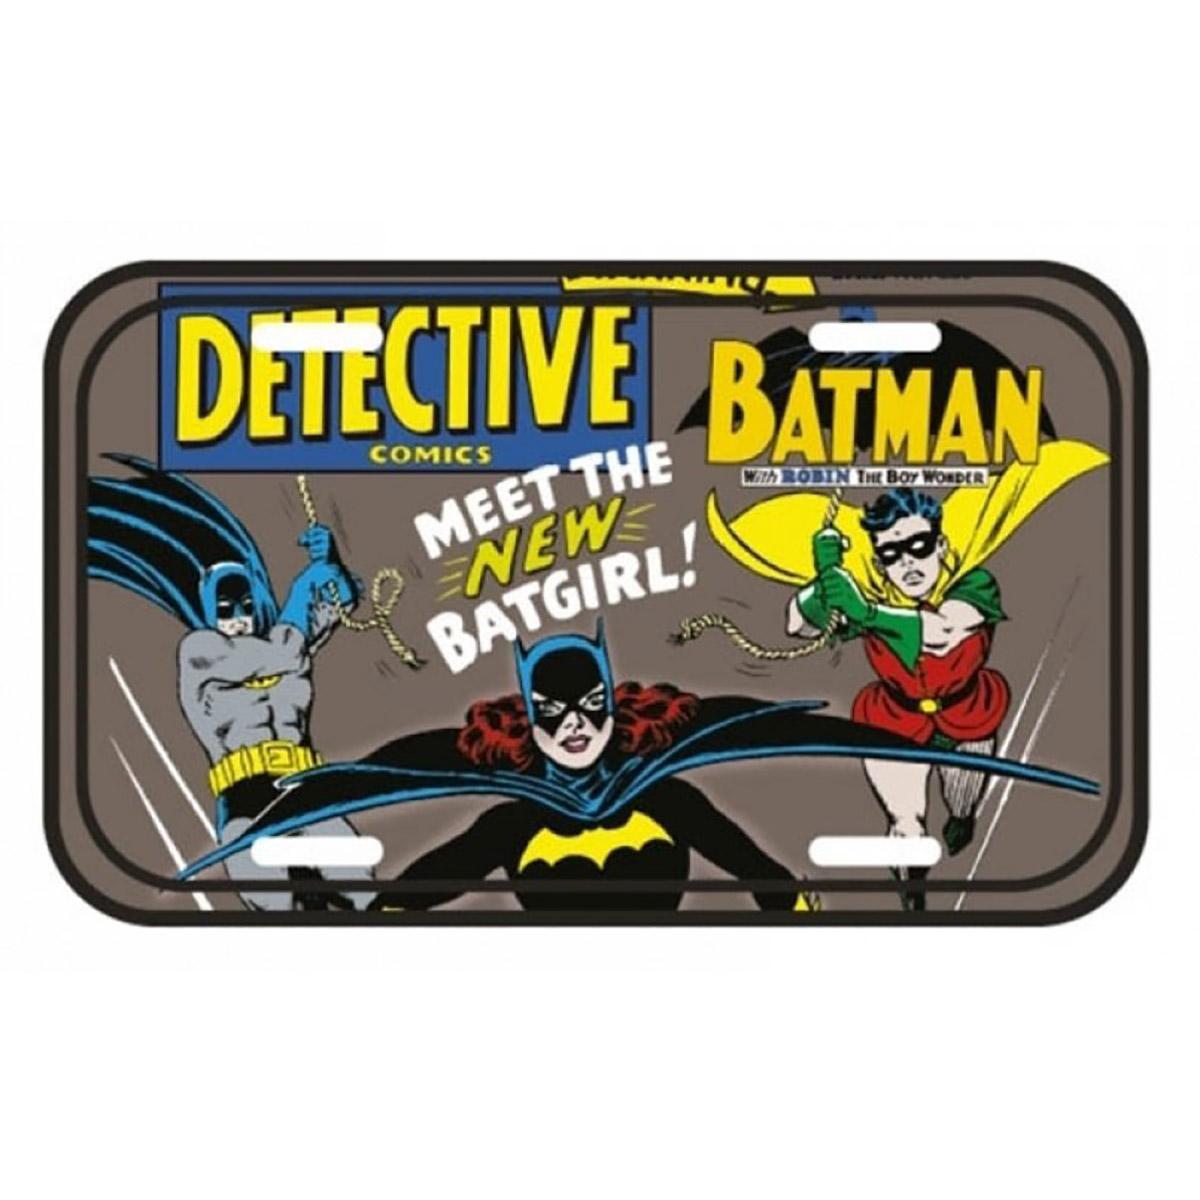 Placa de parede Meet The New Batgirl!